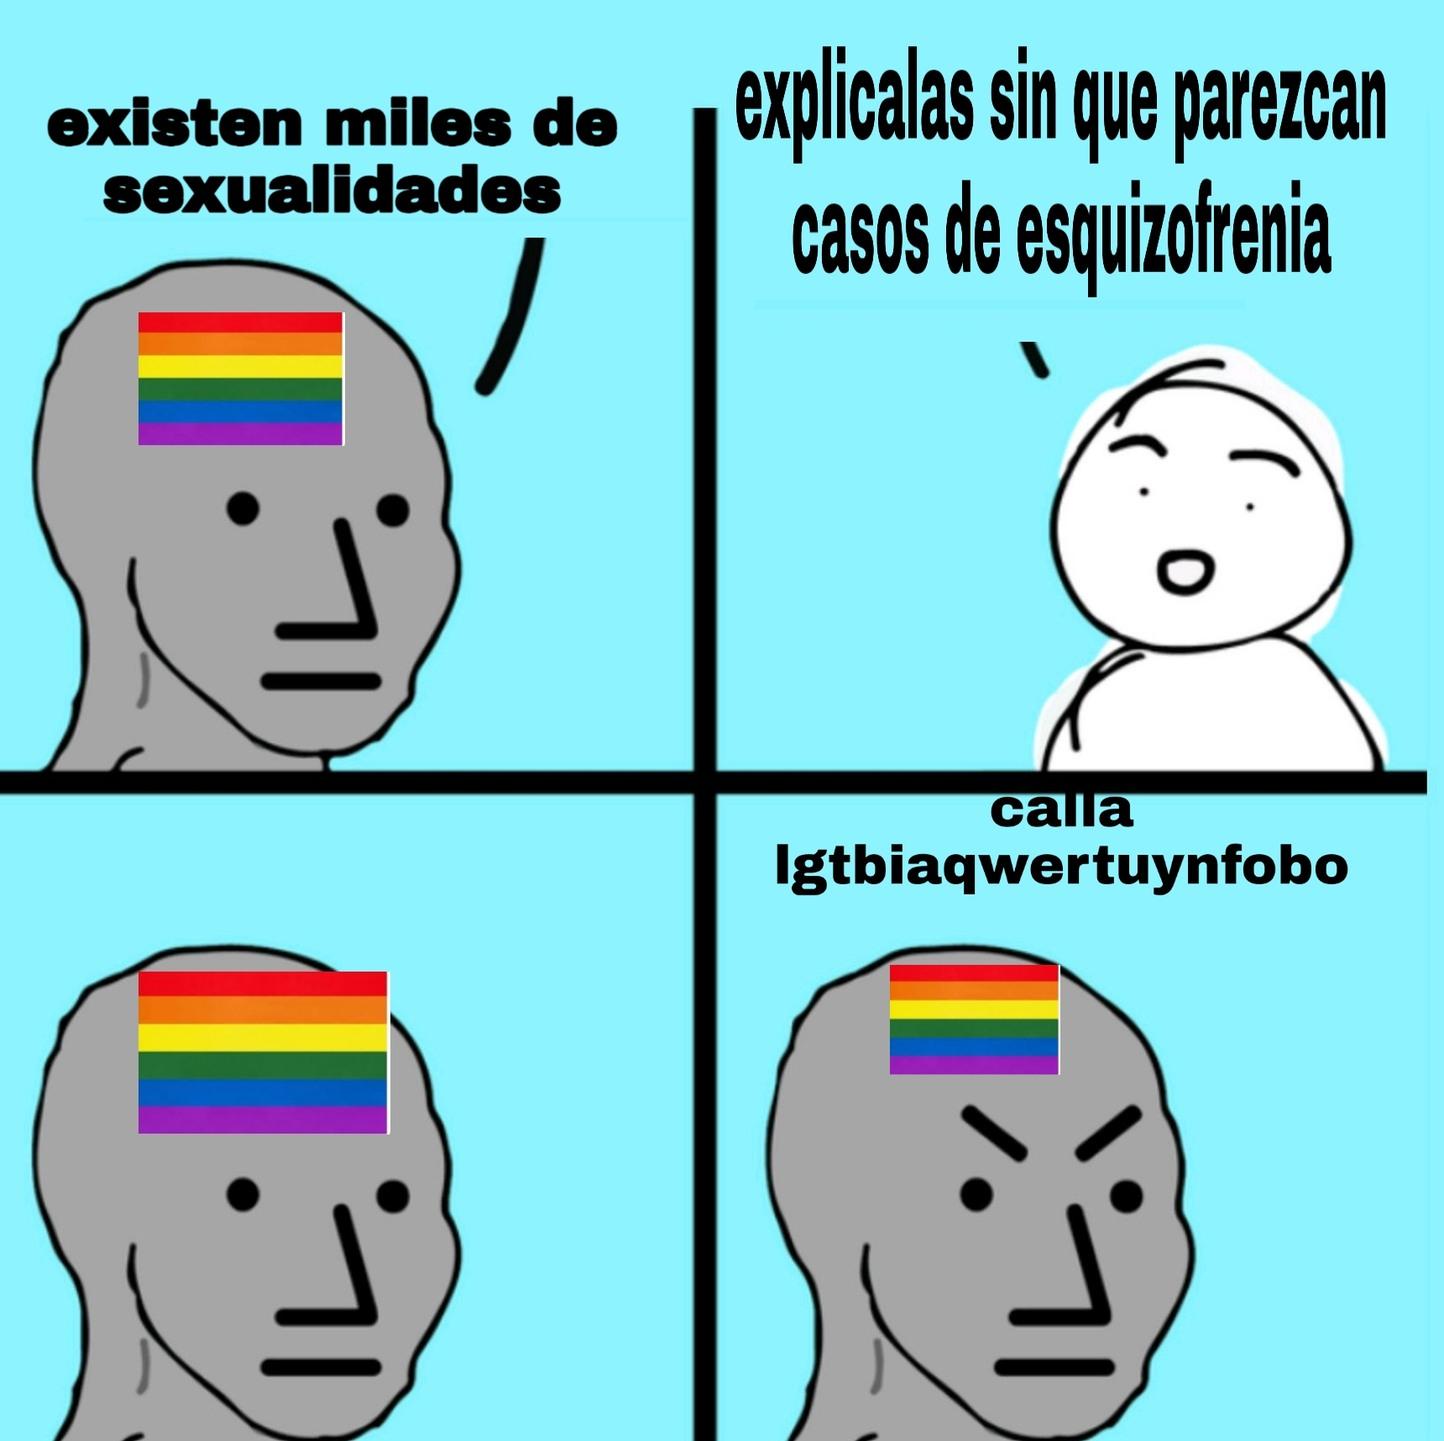 El 100% de los LGTB son esquizofrénicos - meme